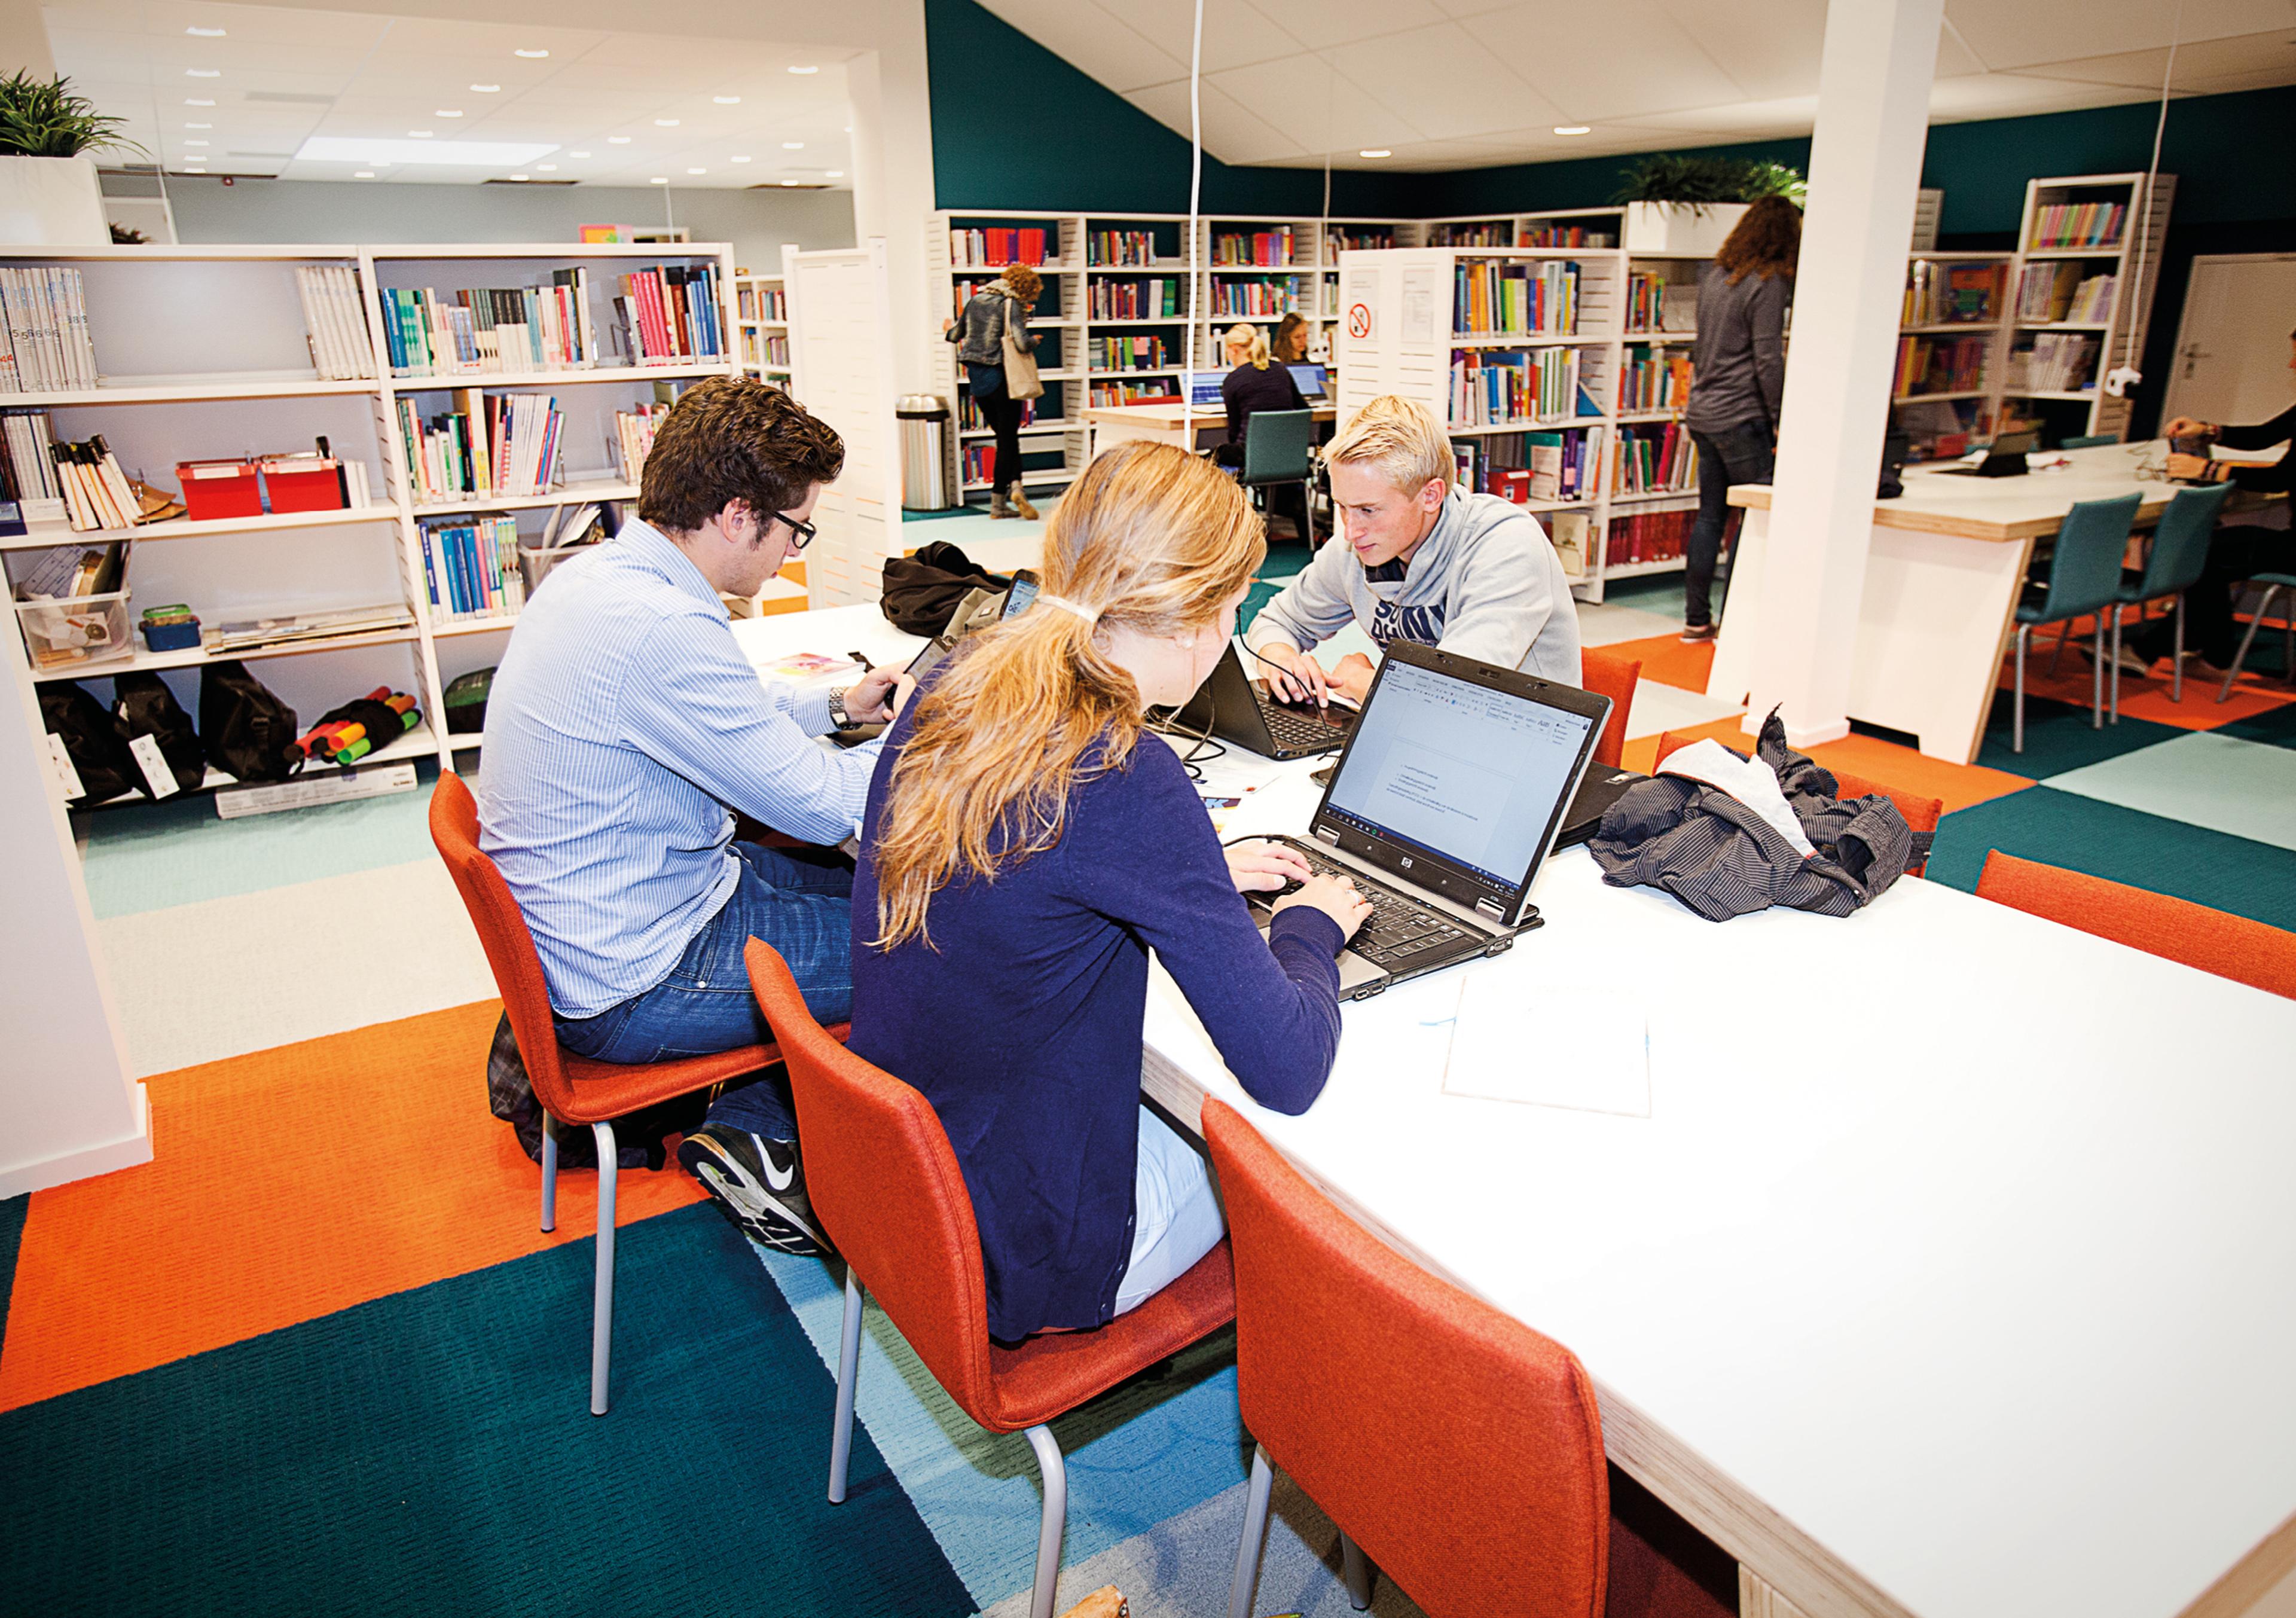 Studiecentrum